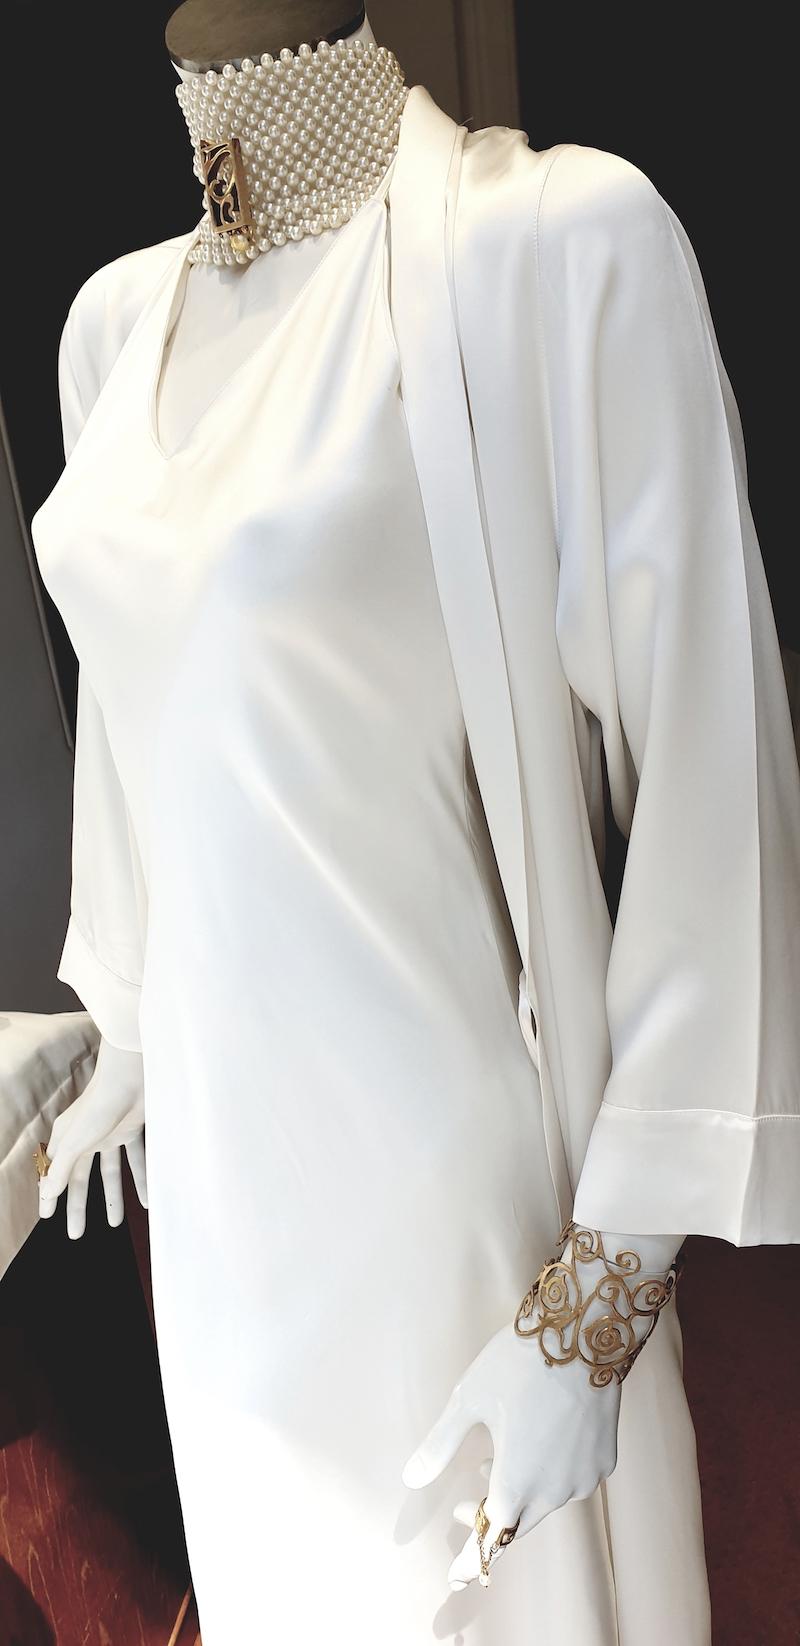 Tebro ospita le creazioni della Jewellery Designer Gaia Caramazza